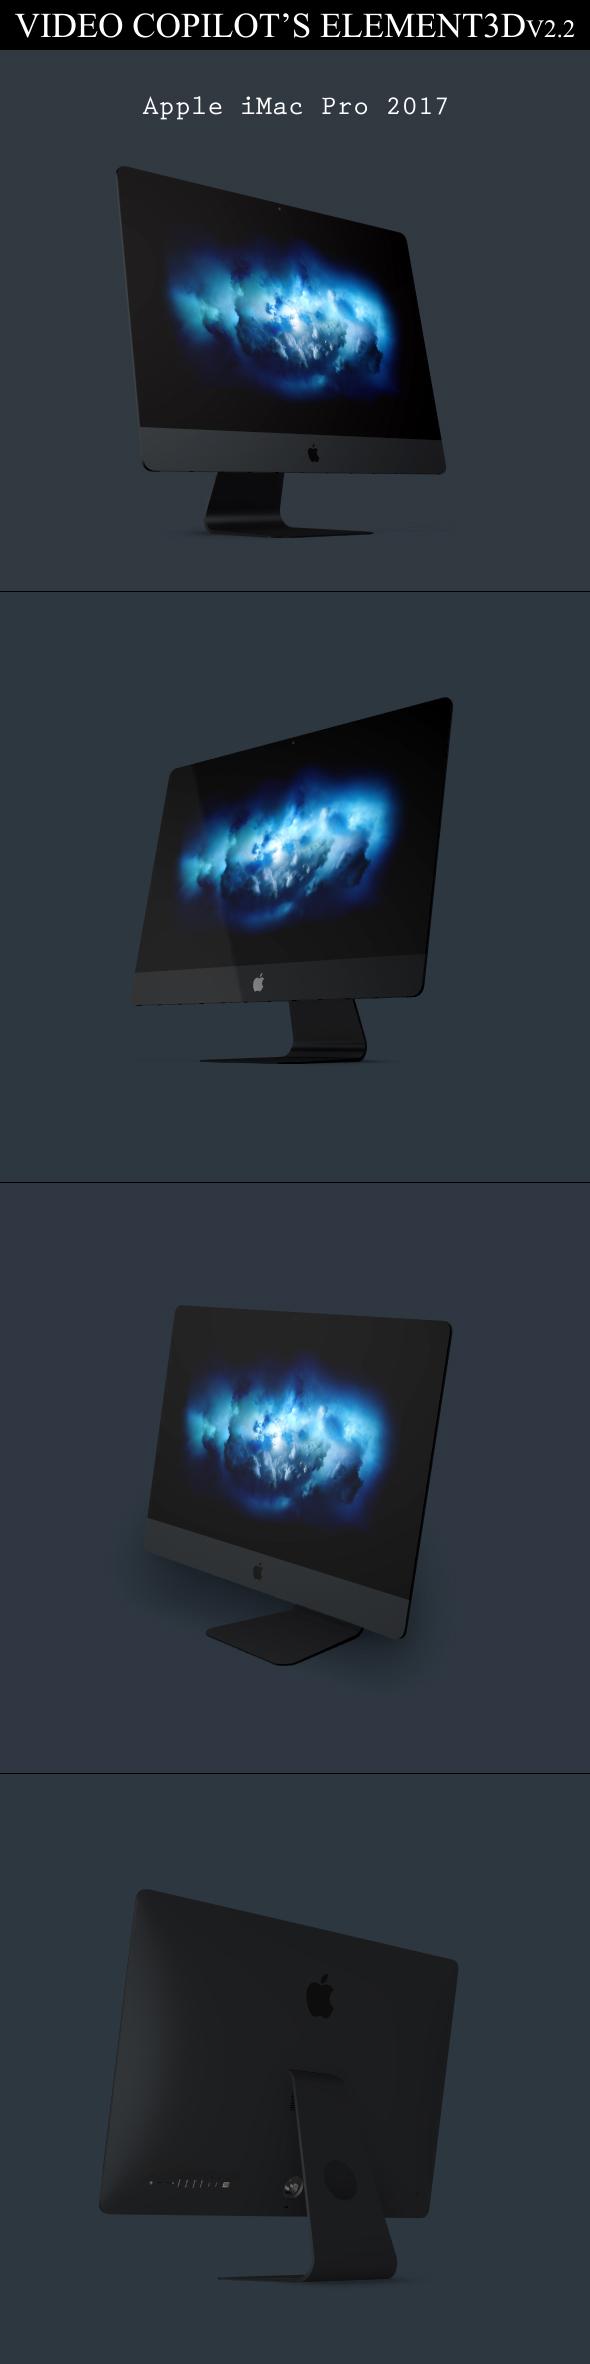 Element3D - iMac Pro 2017 - 3DOcean Item for Sale